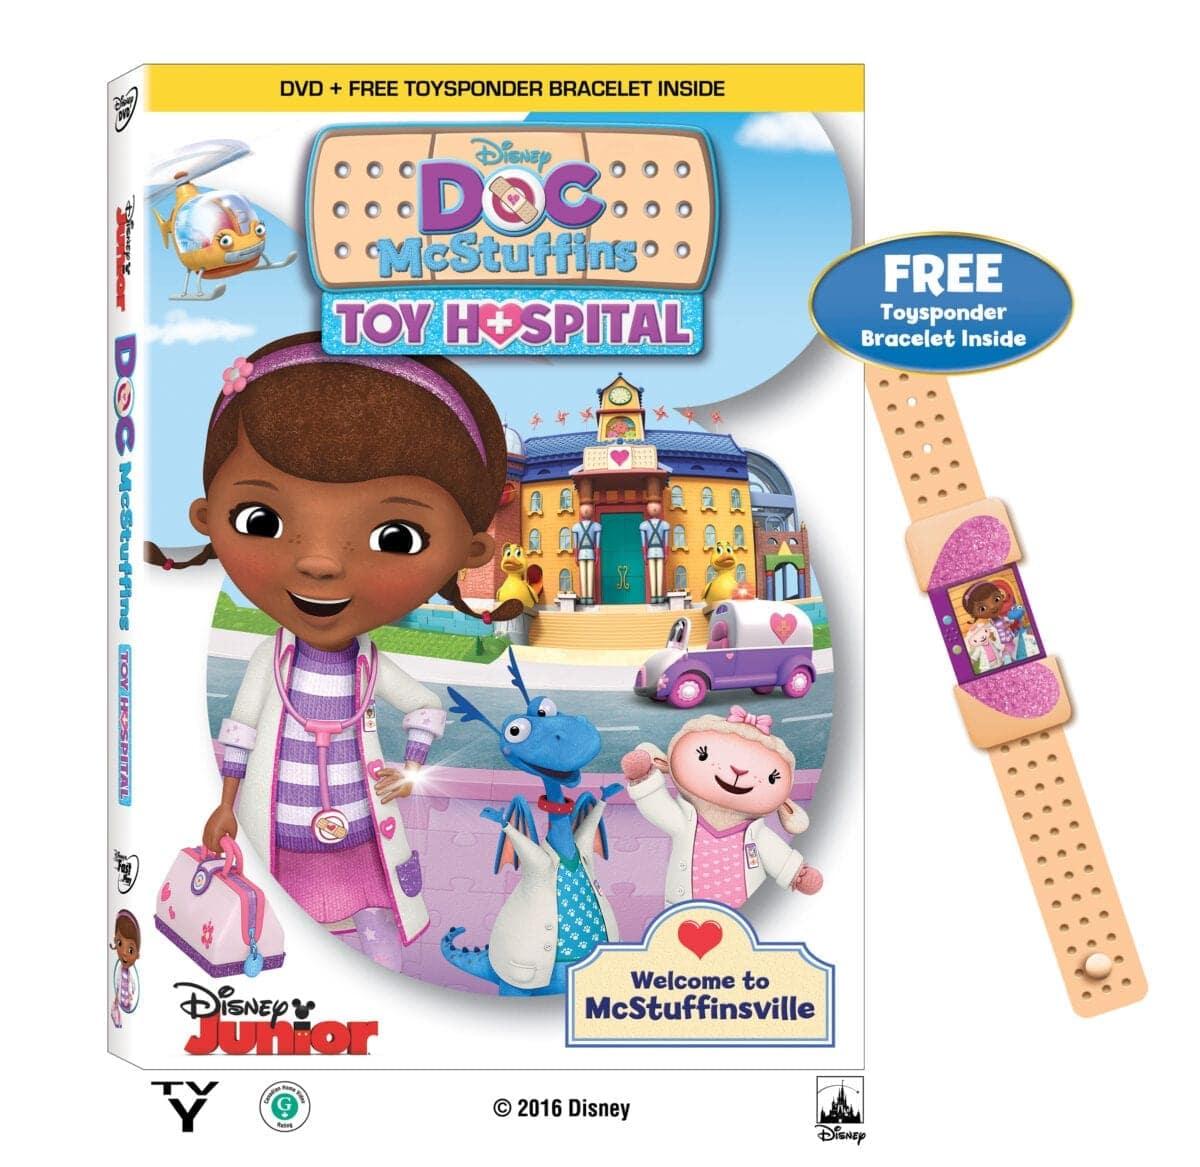 Doc Mcstuffins Toys : Doc mcstuffins toy hospital win a copy — jamonkey